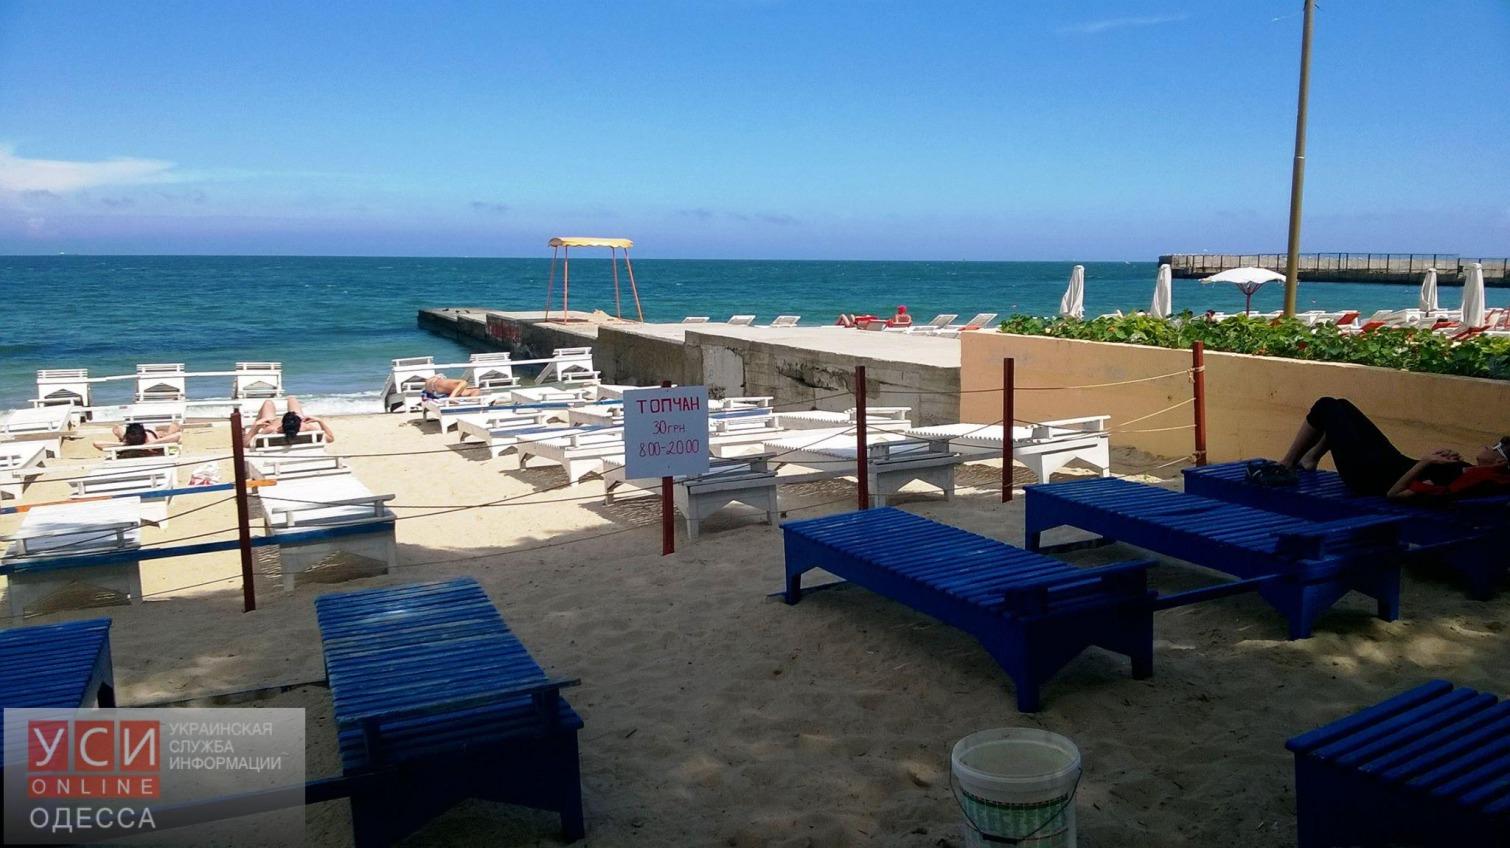 В Одессе на бесплатном пляже для воинов АТО установили платные топчаны (фото) «фото»